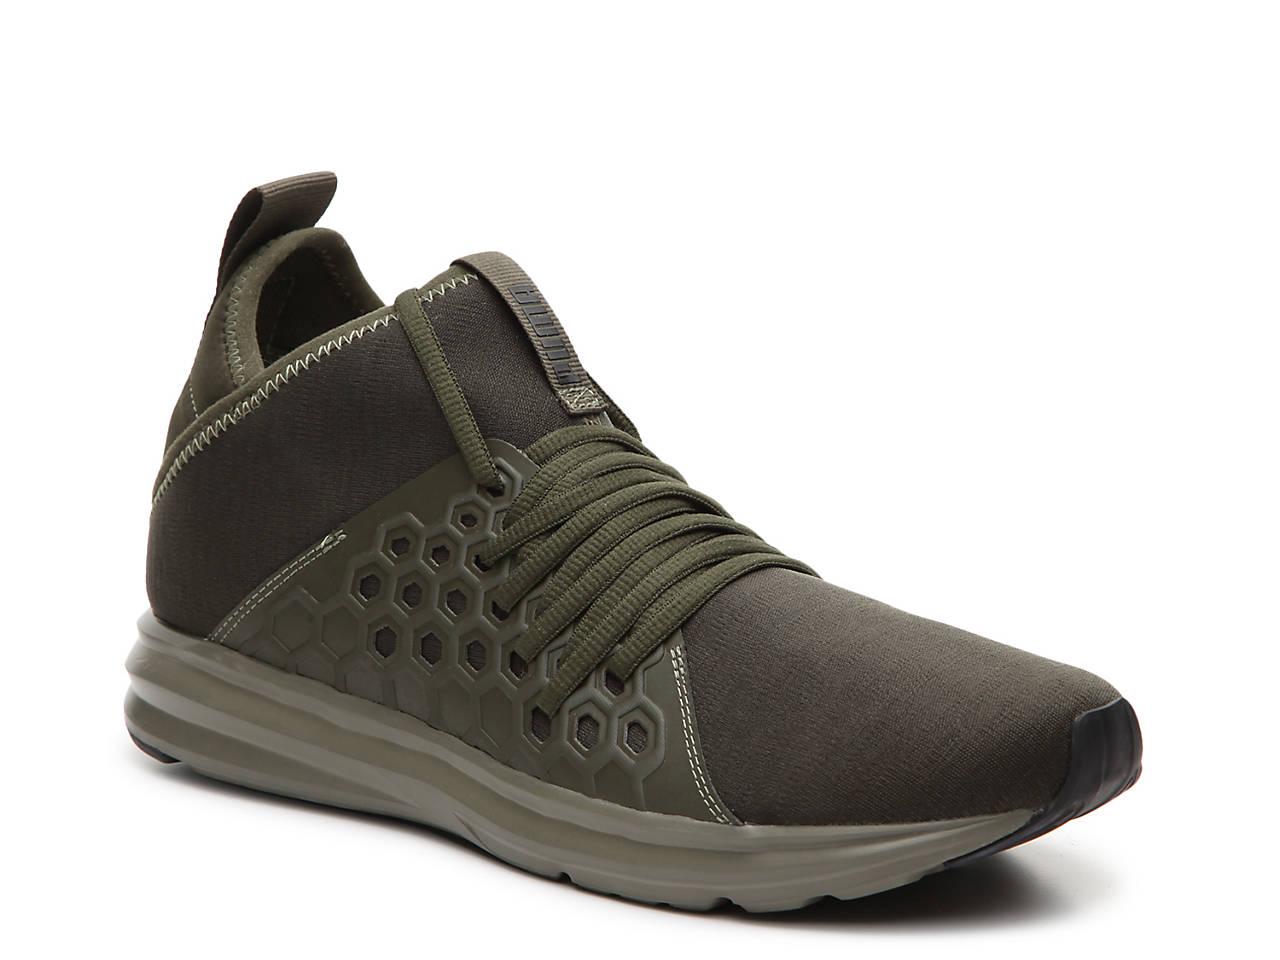 868e9280b367 Puma Enzo Mid-Top Sneaker - Men s Men s Shoes